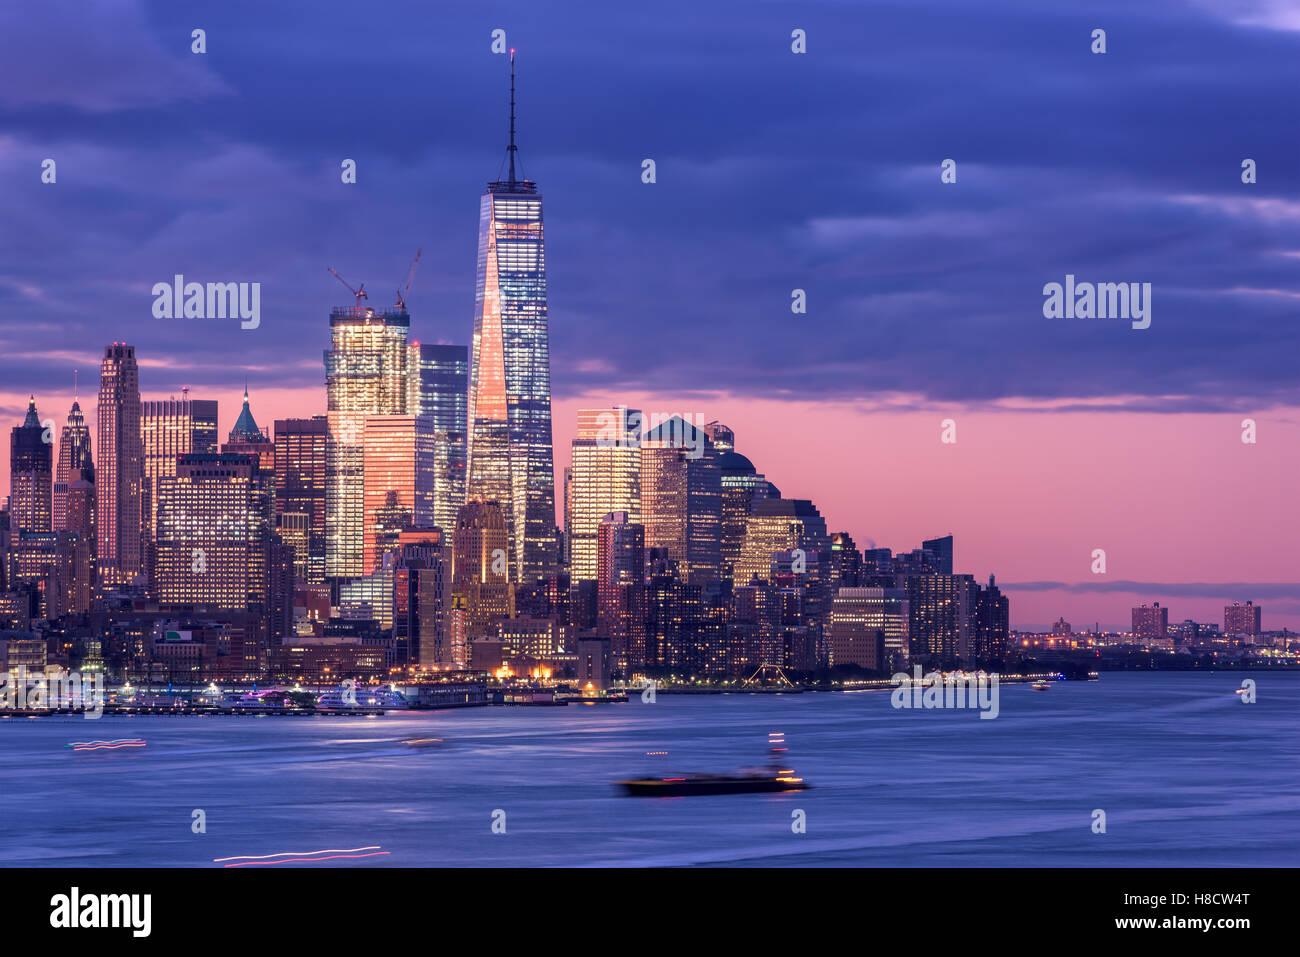 New York sur la rivière Hudson. Photo Stock